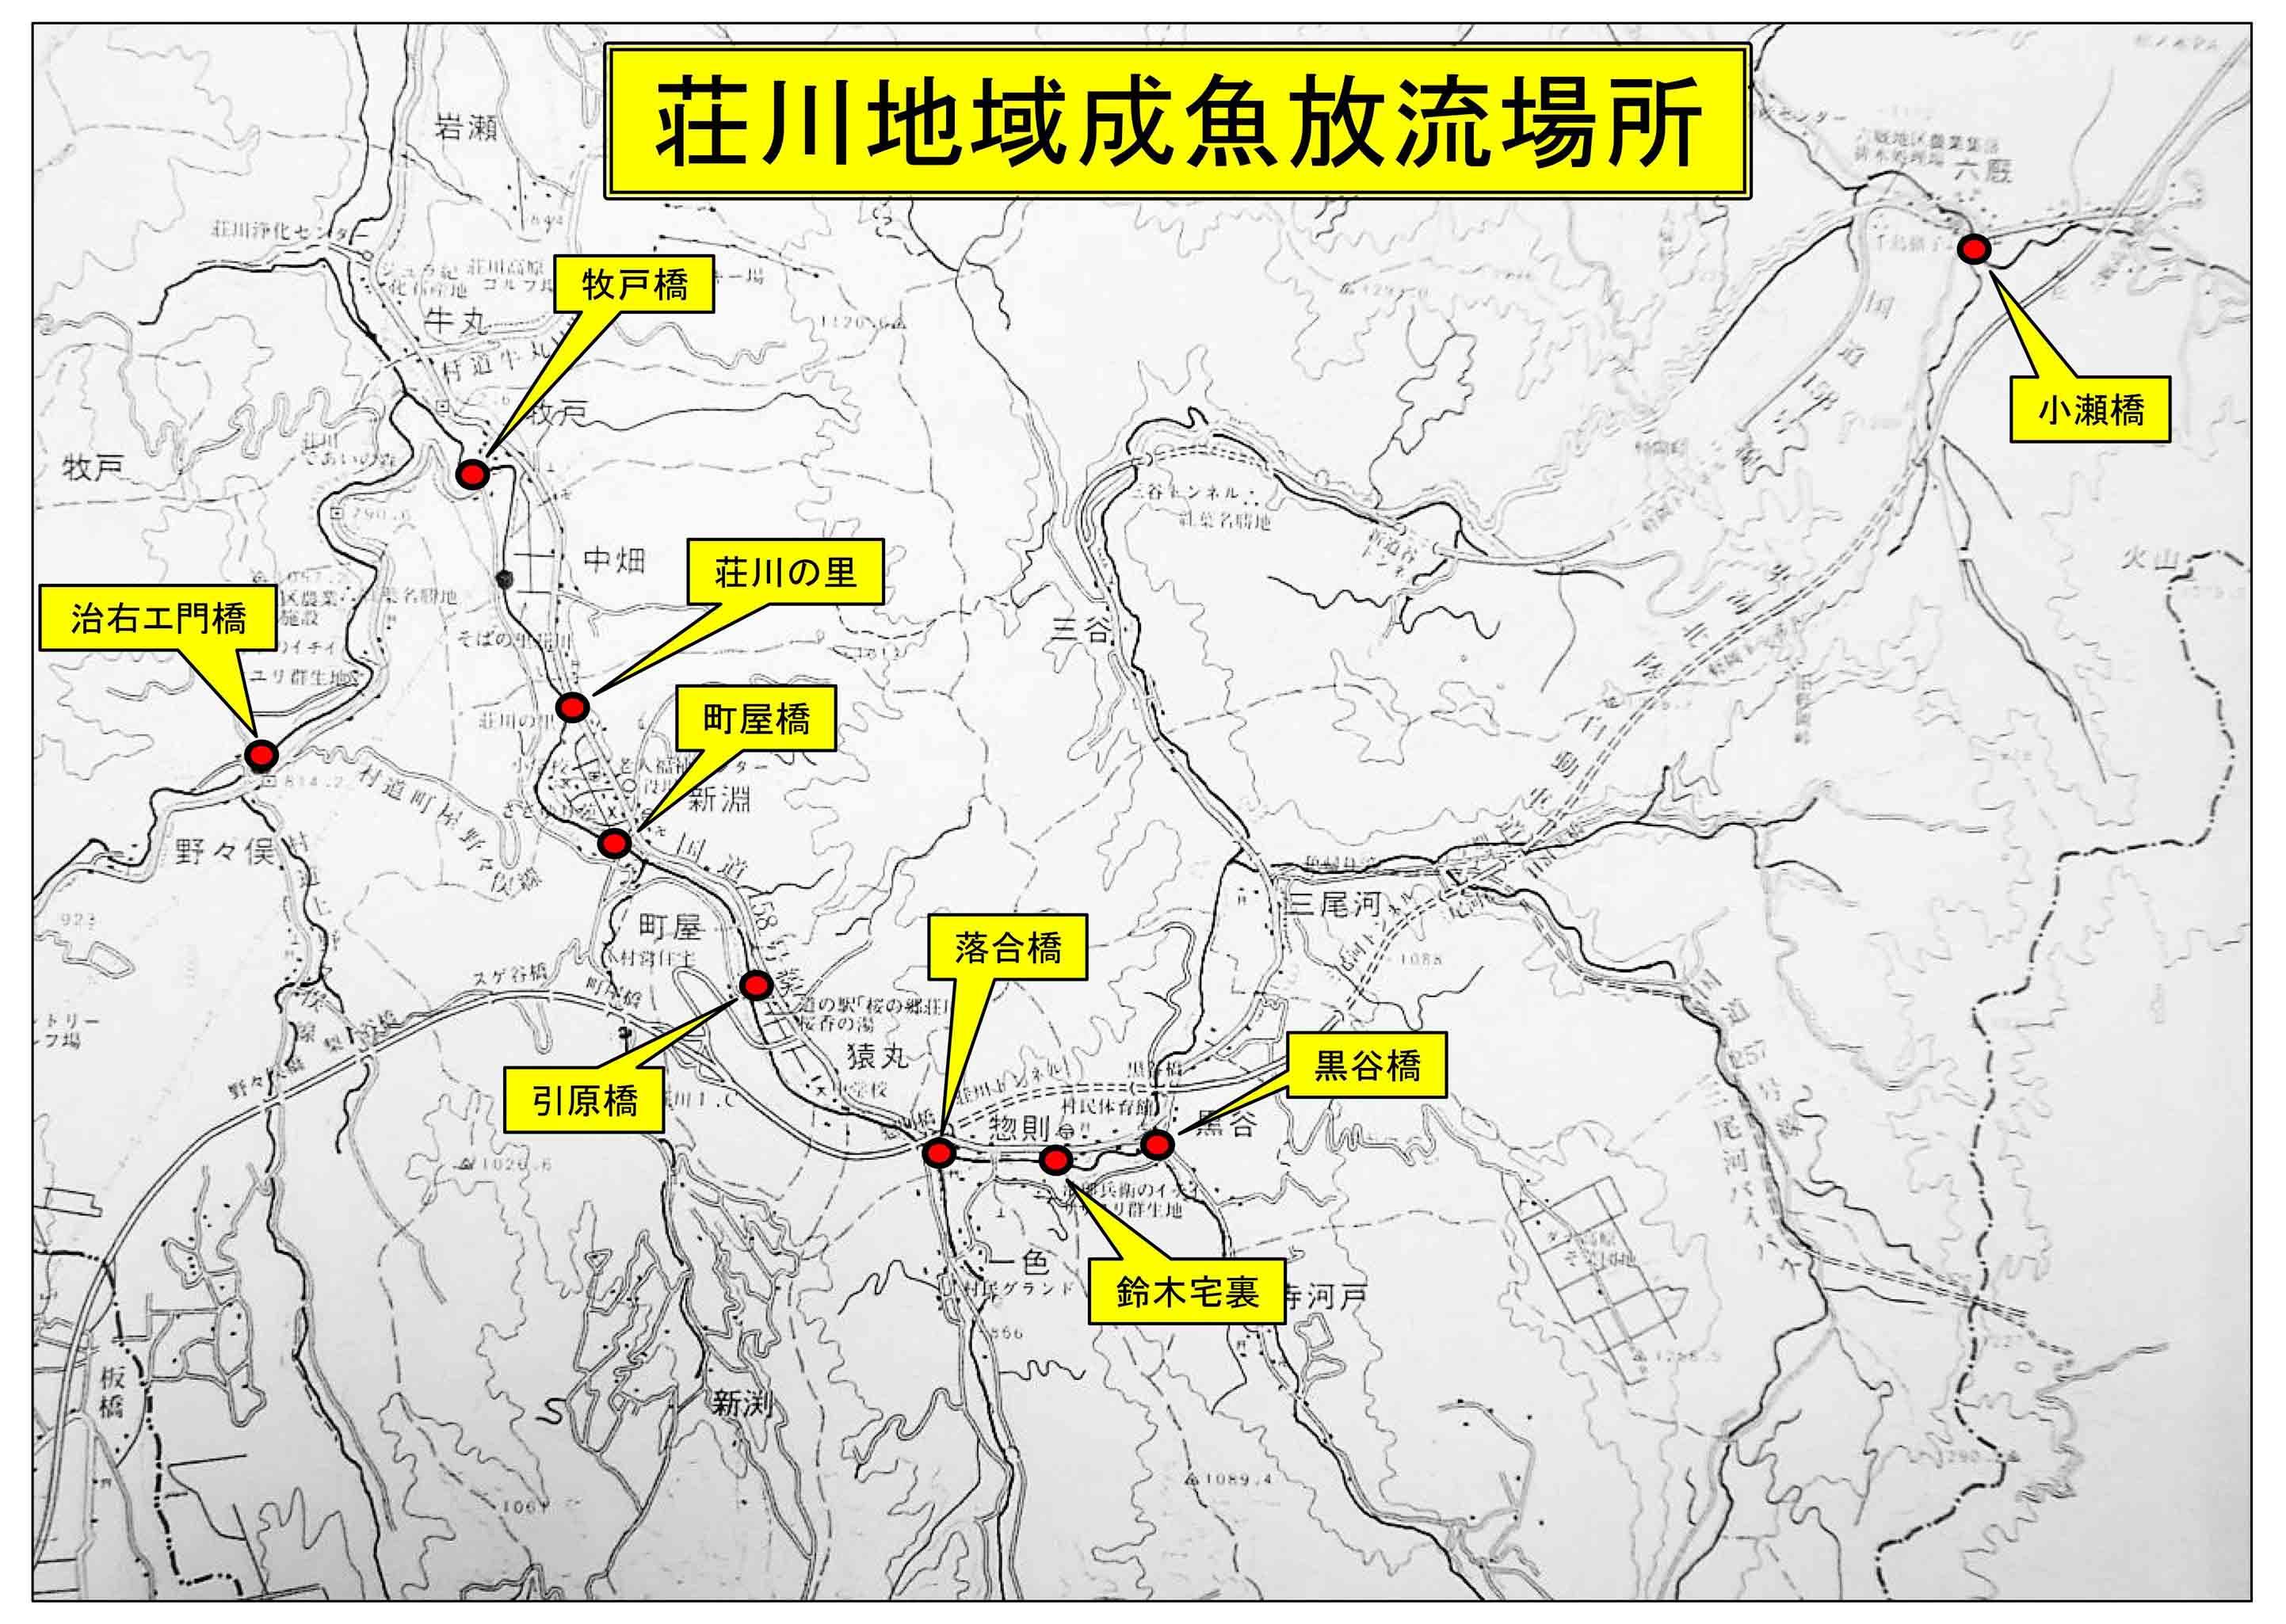 2017_荘川地域成魚放流場所